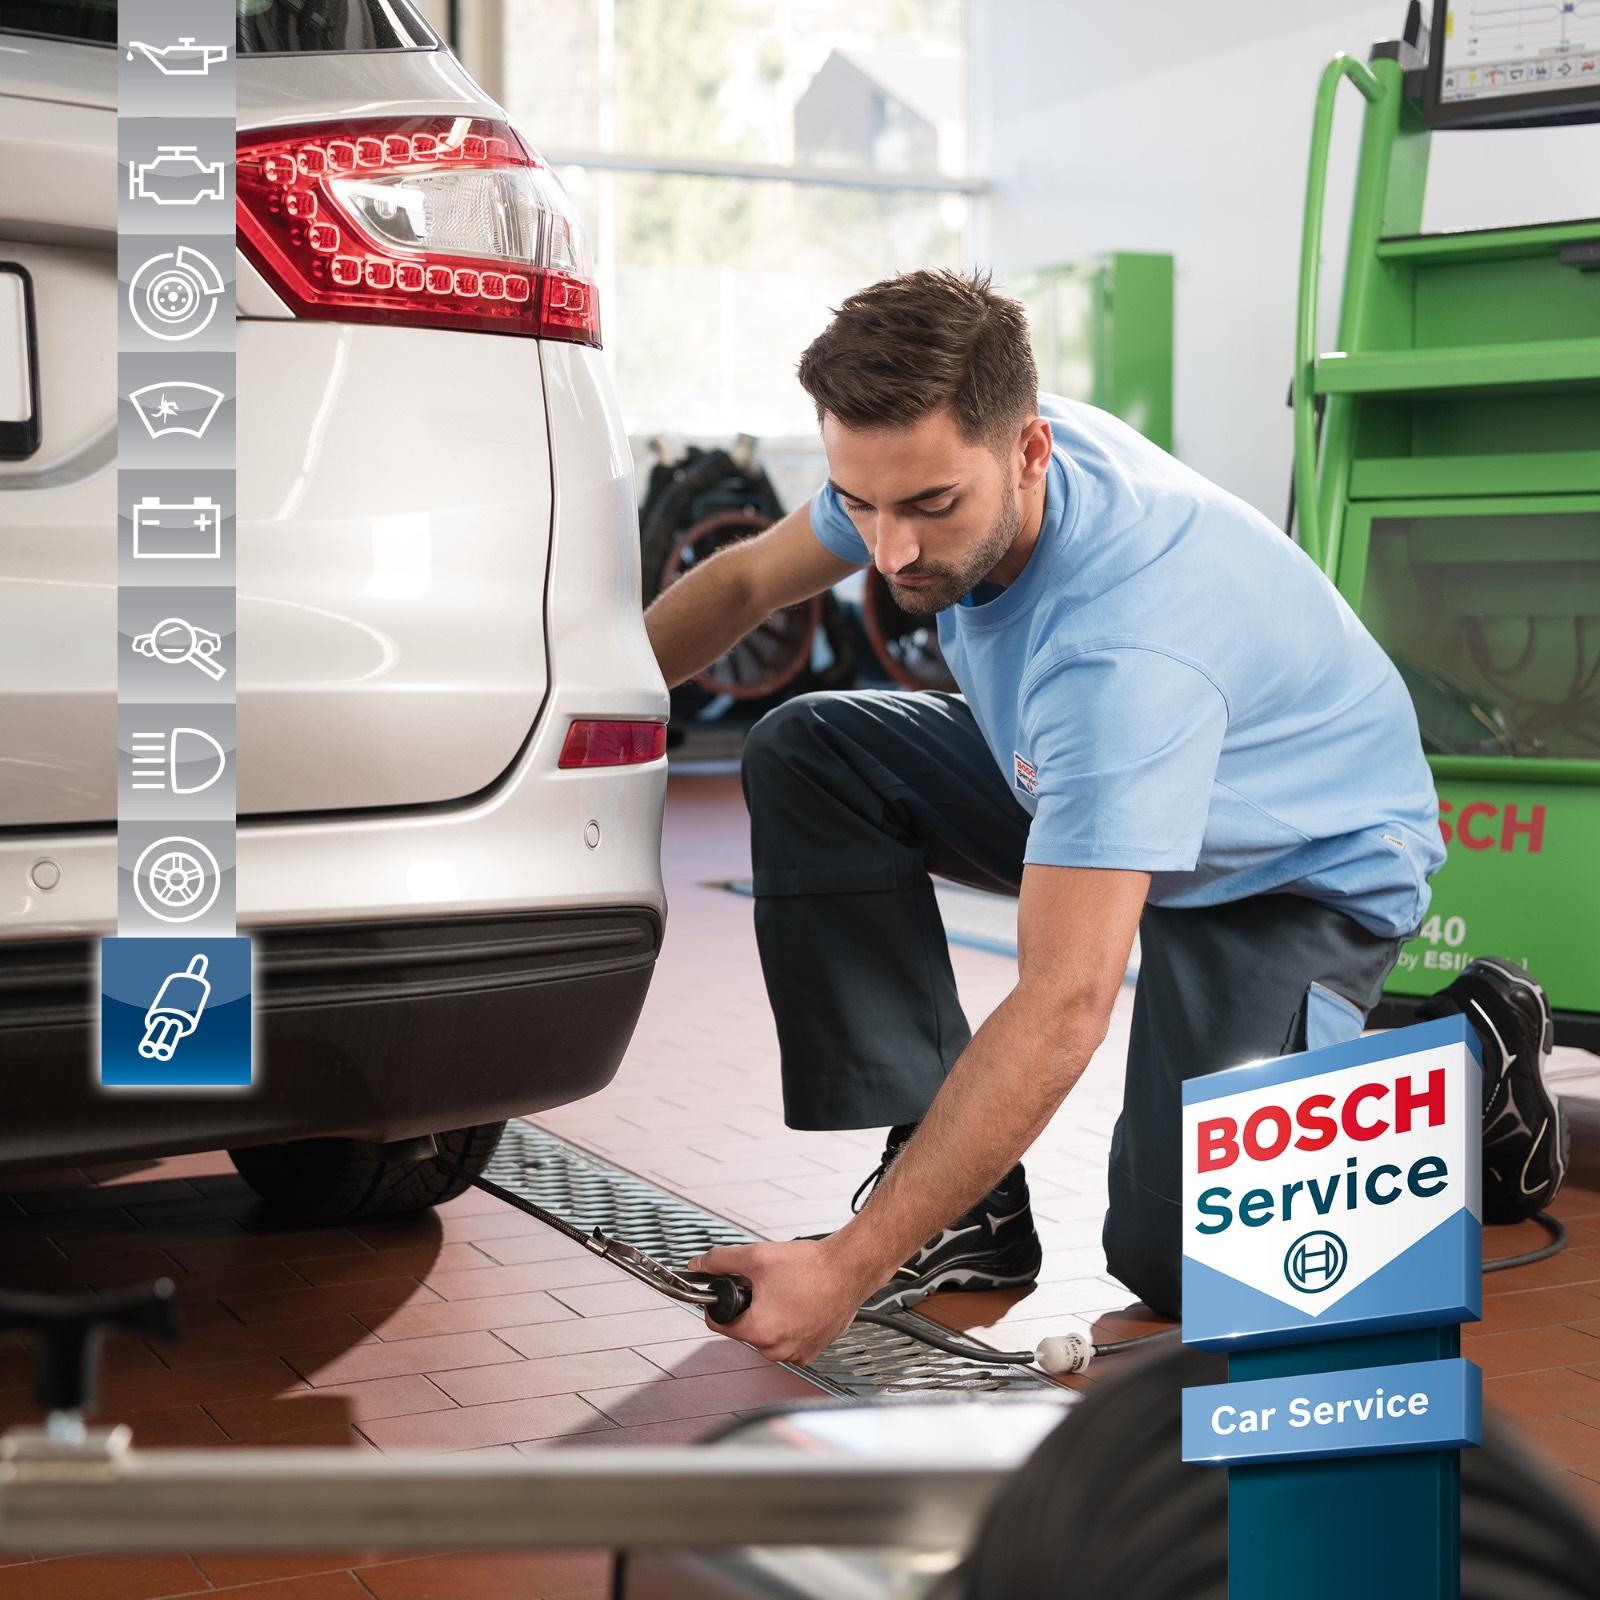 Officina auto a Monza e Brianza autorizzata Bosch   O.P.R.A.